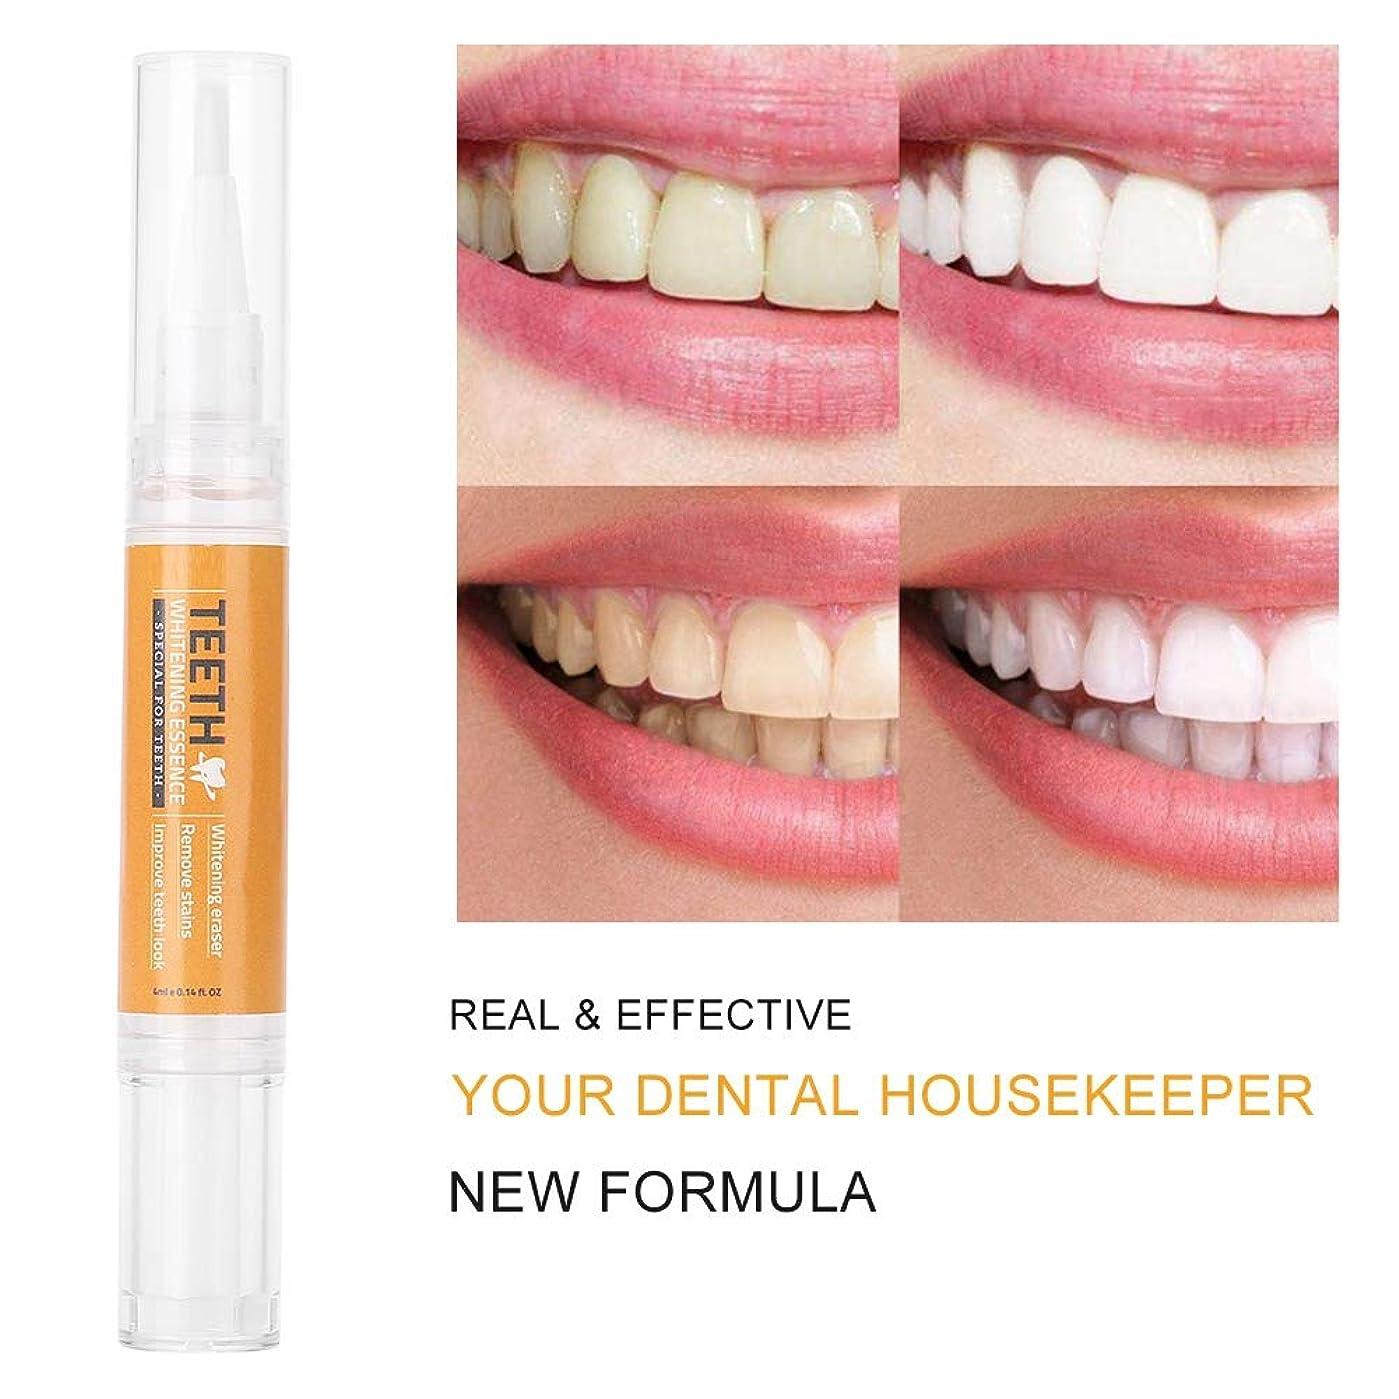 アコードアクチュエータ氏歯のホワイトニングペン 歯磨きペン 歯汚れ除去歯を白く 美白効果 歯のケアツール